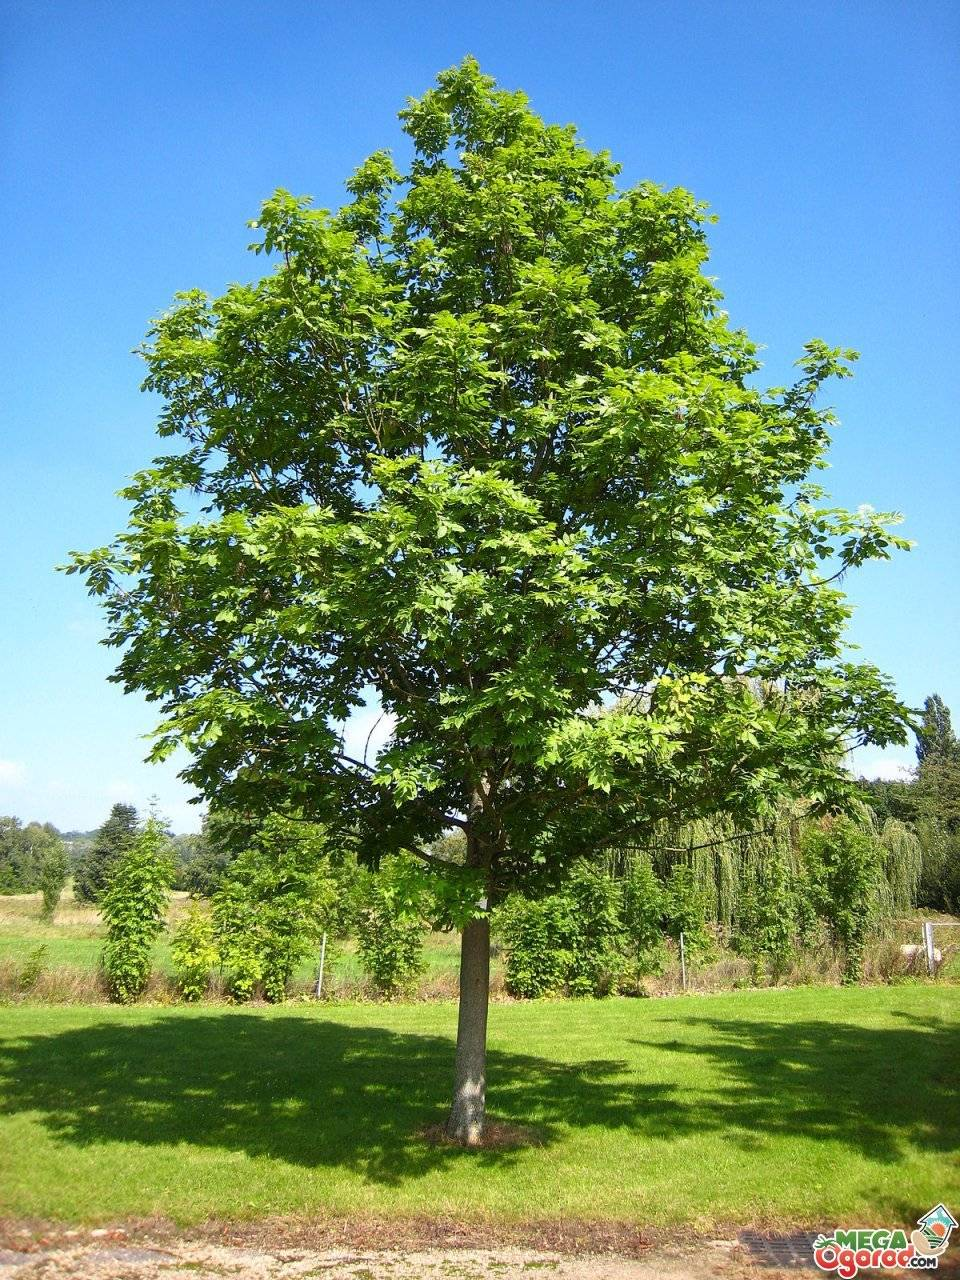 Карликовый сад: особенности деревьев и их выращивание